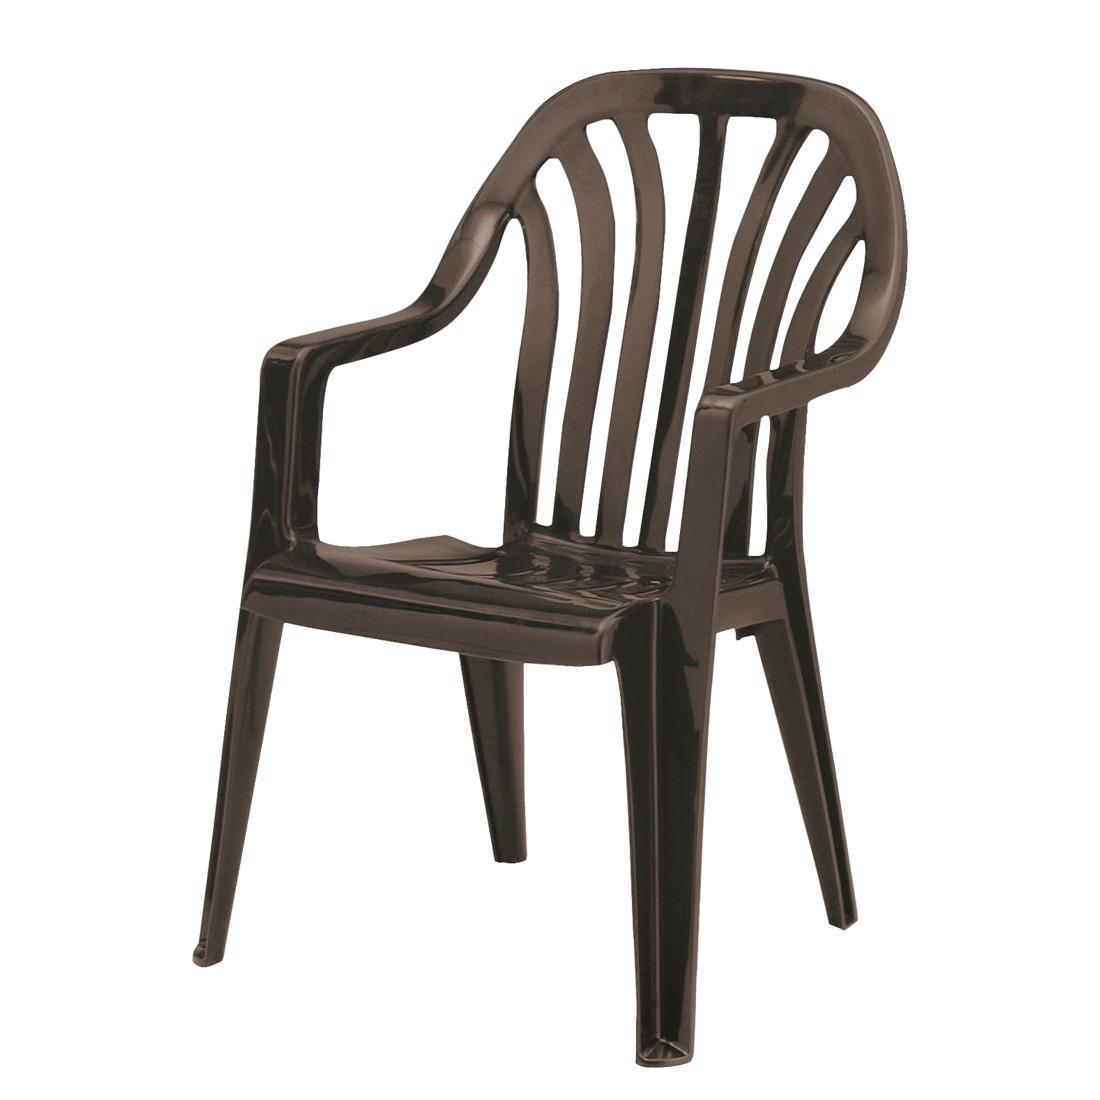 Stapelstuhl Laredo - Kunststoff - Braun, Best Freizeitmöbel bei Home24 - Sonderangebote